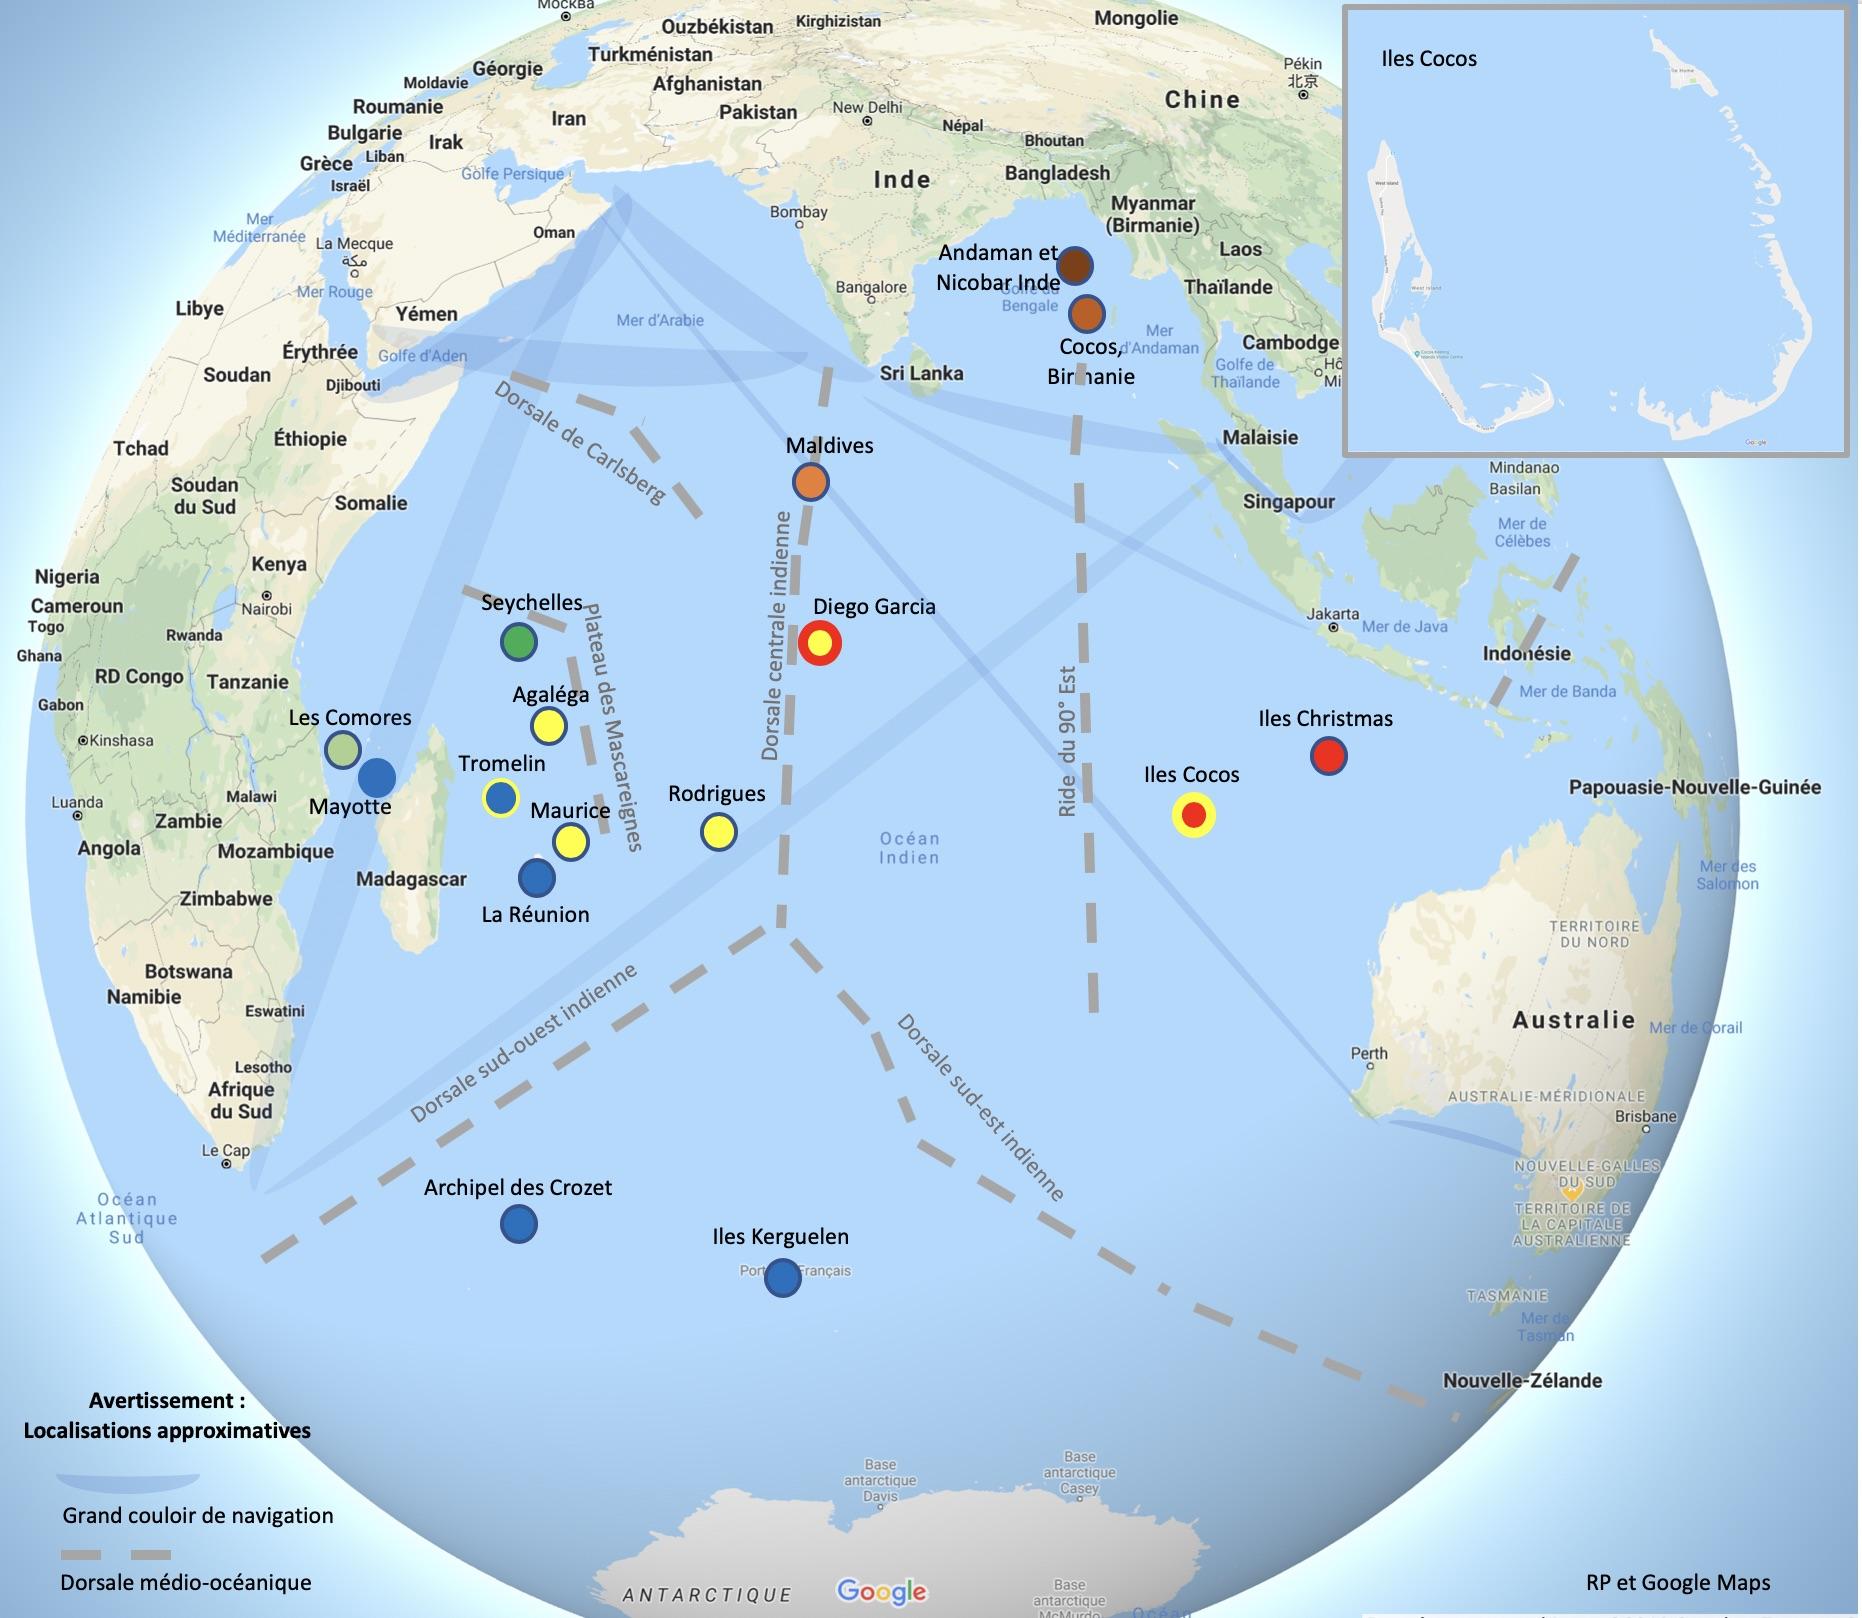 Océan Indien : L'insulaire stratégique